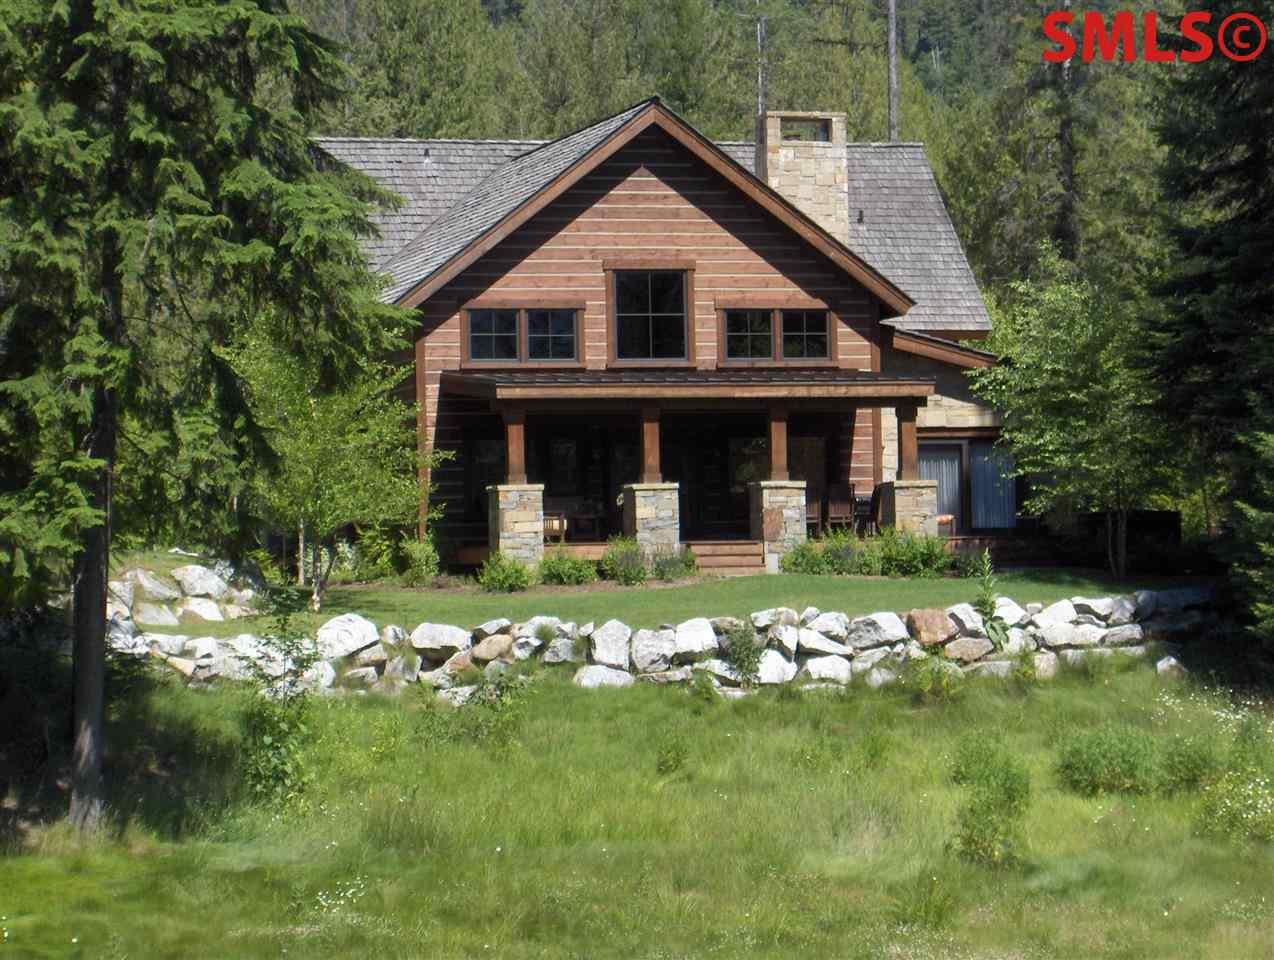 592 N Idaho Club Dr, Sandpoint, ID 83864